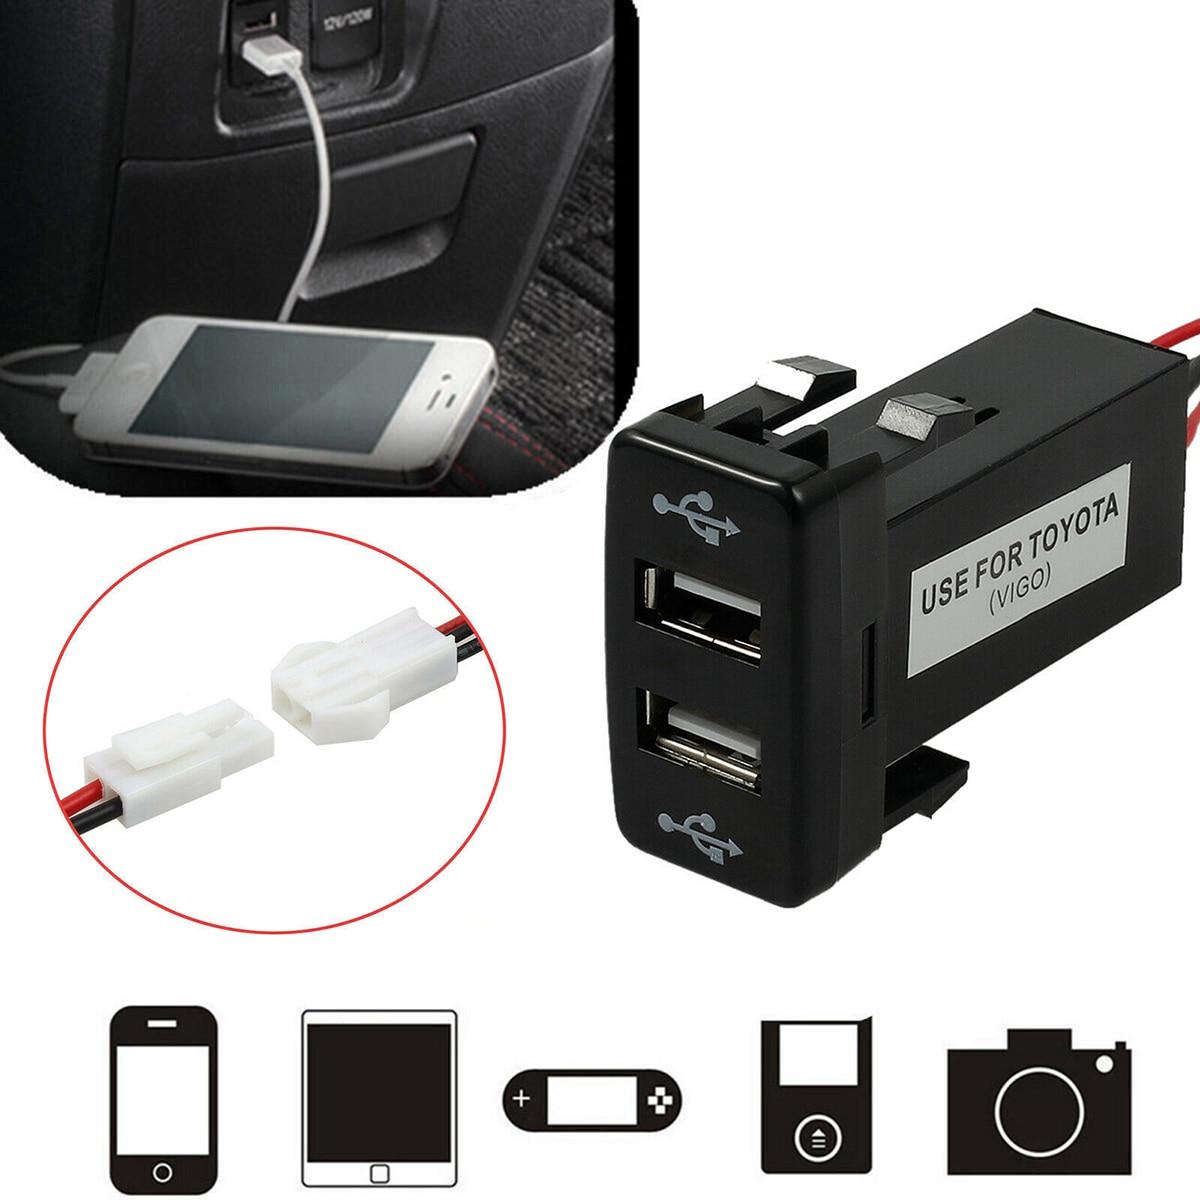 12V Dual USB Port Auto USB Ladegerät 2 Port Ladegerät Stecker Adapter Für Toyota Für Die Meisten Handy Tablet DVR Max Strom Von 4.2A